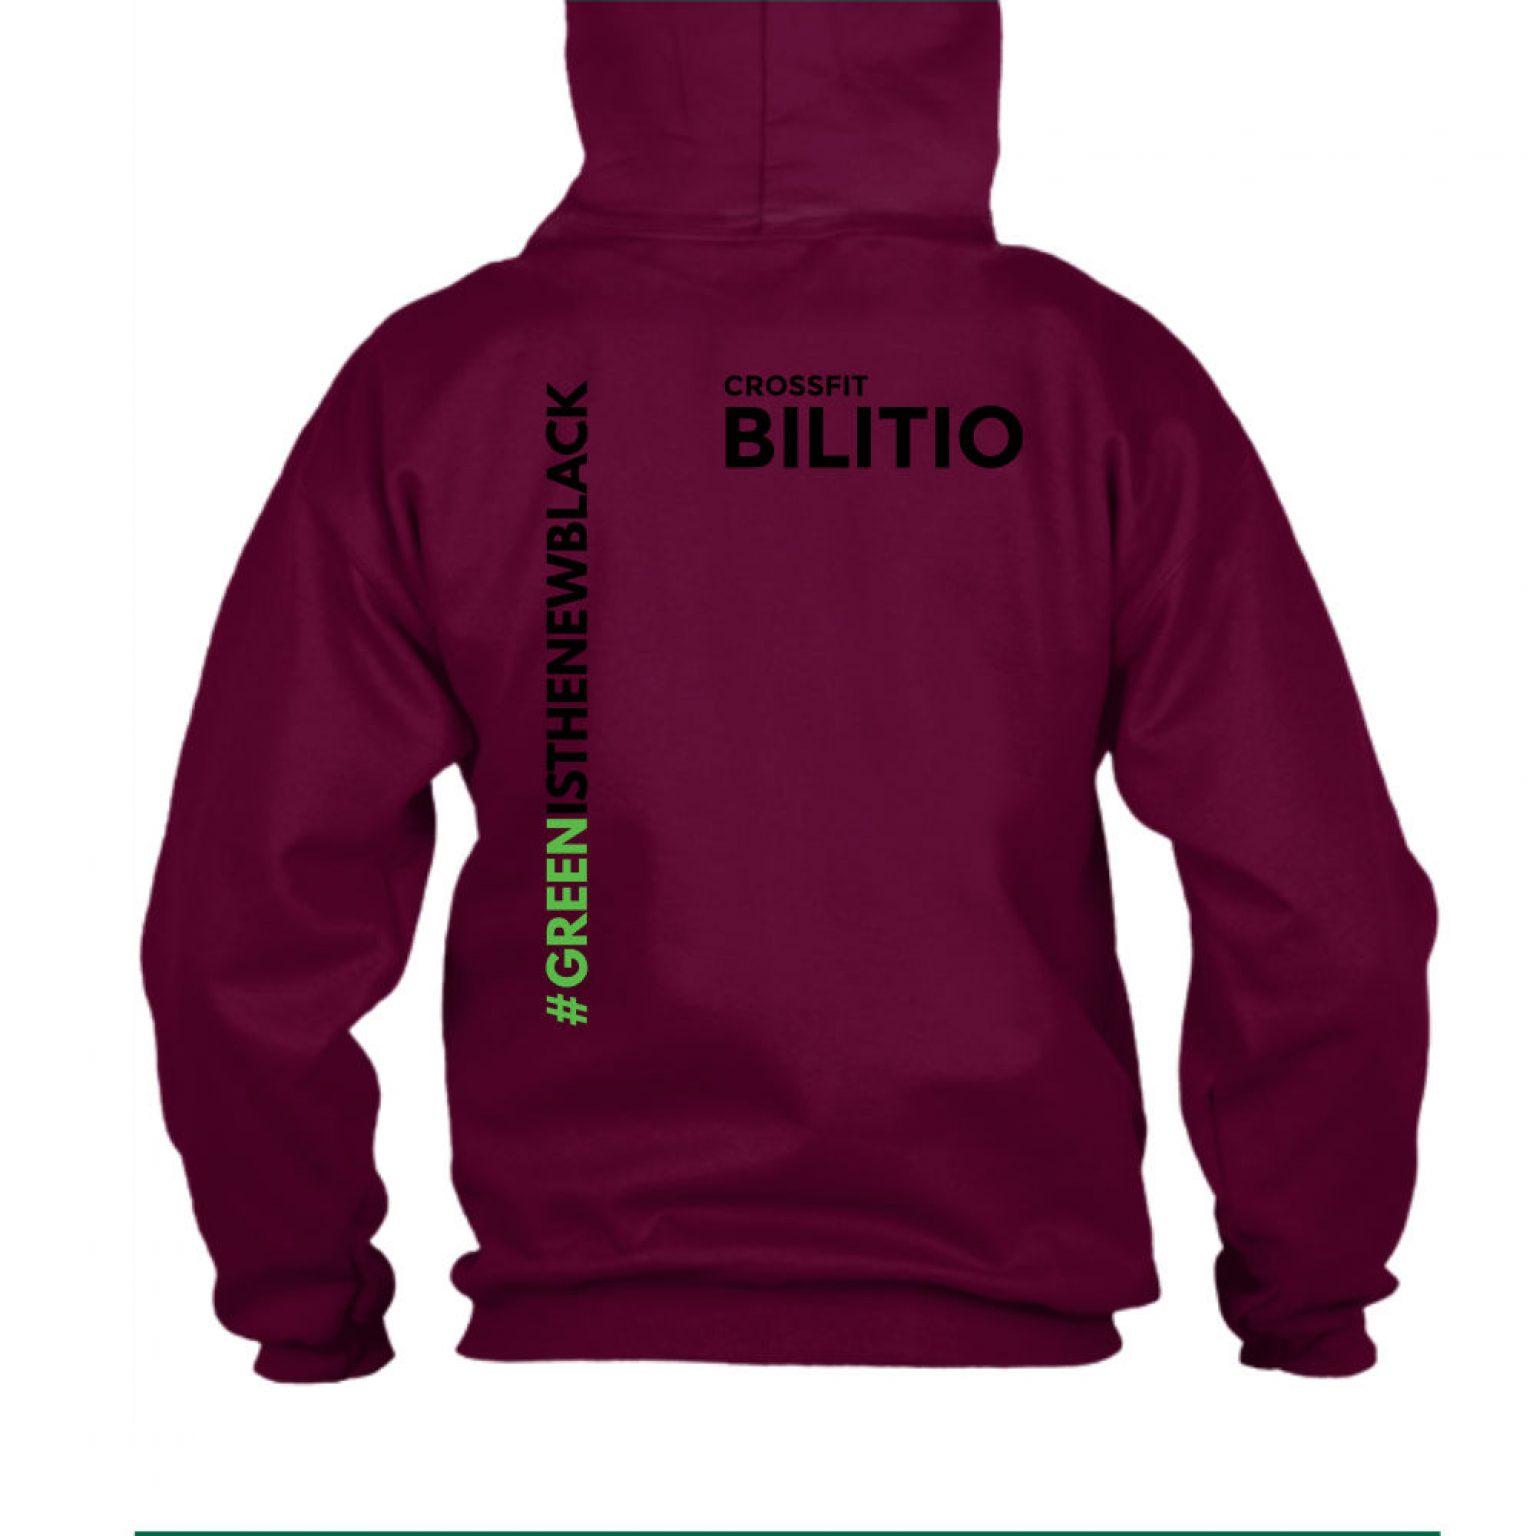 CFB hoodie herren burgundy back